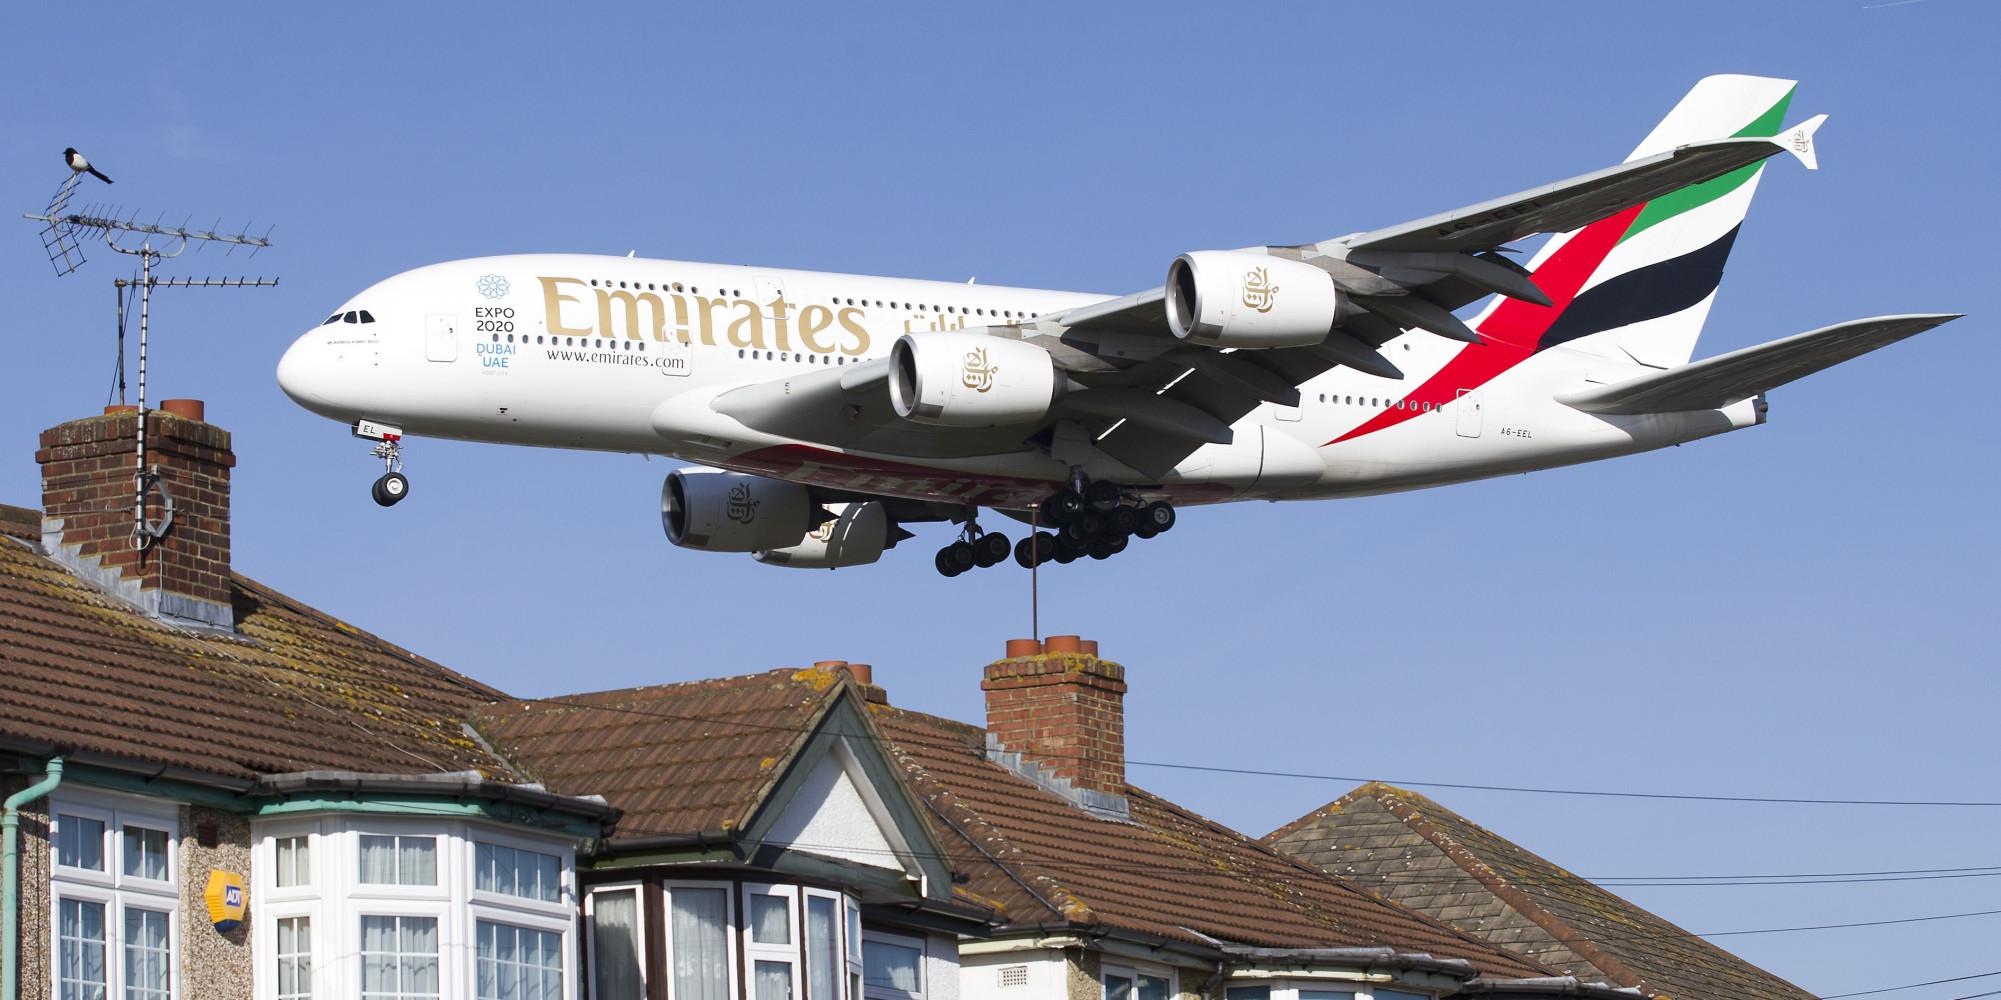 توقعات بزيادة الطيران الداخلي بالشرق الأوسط